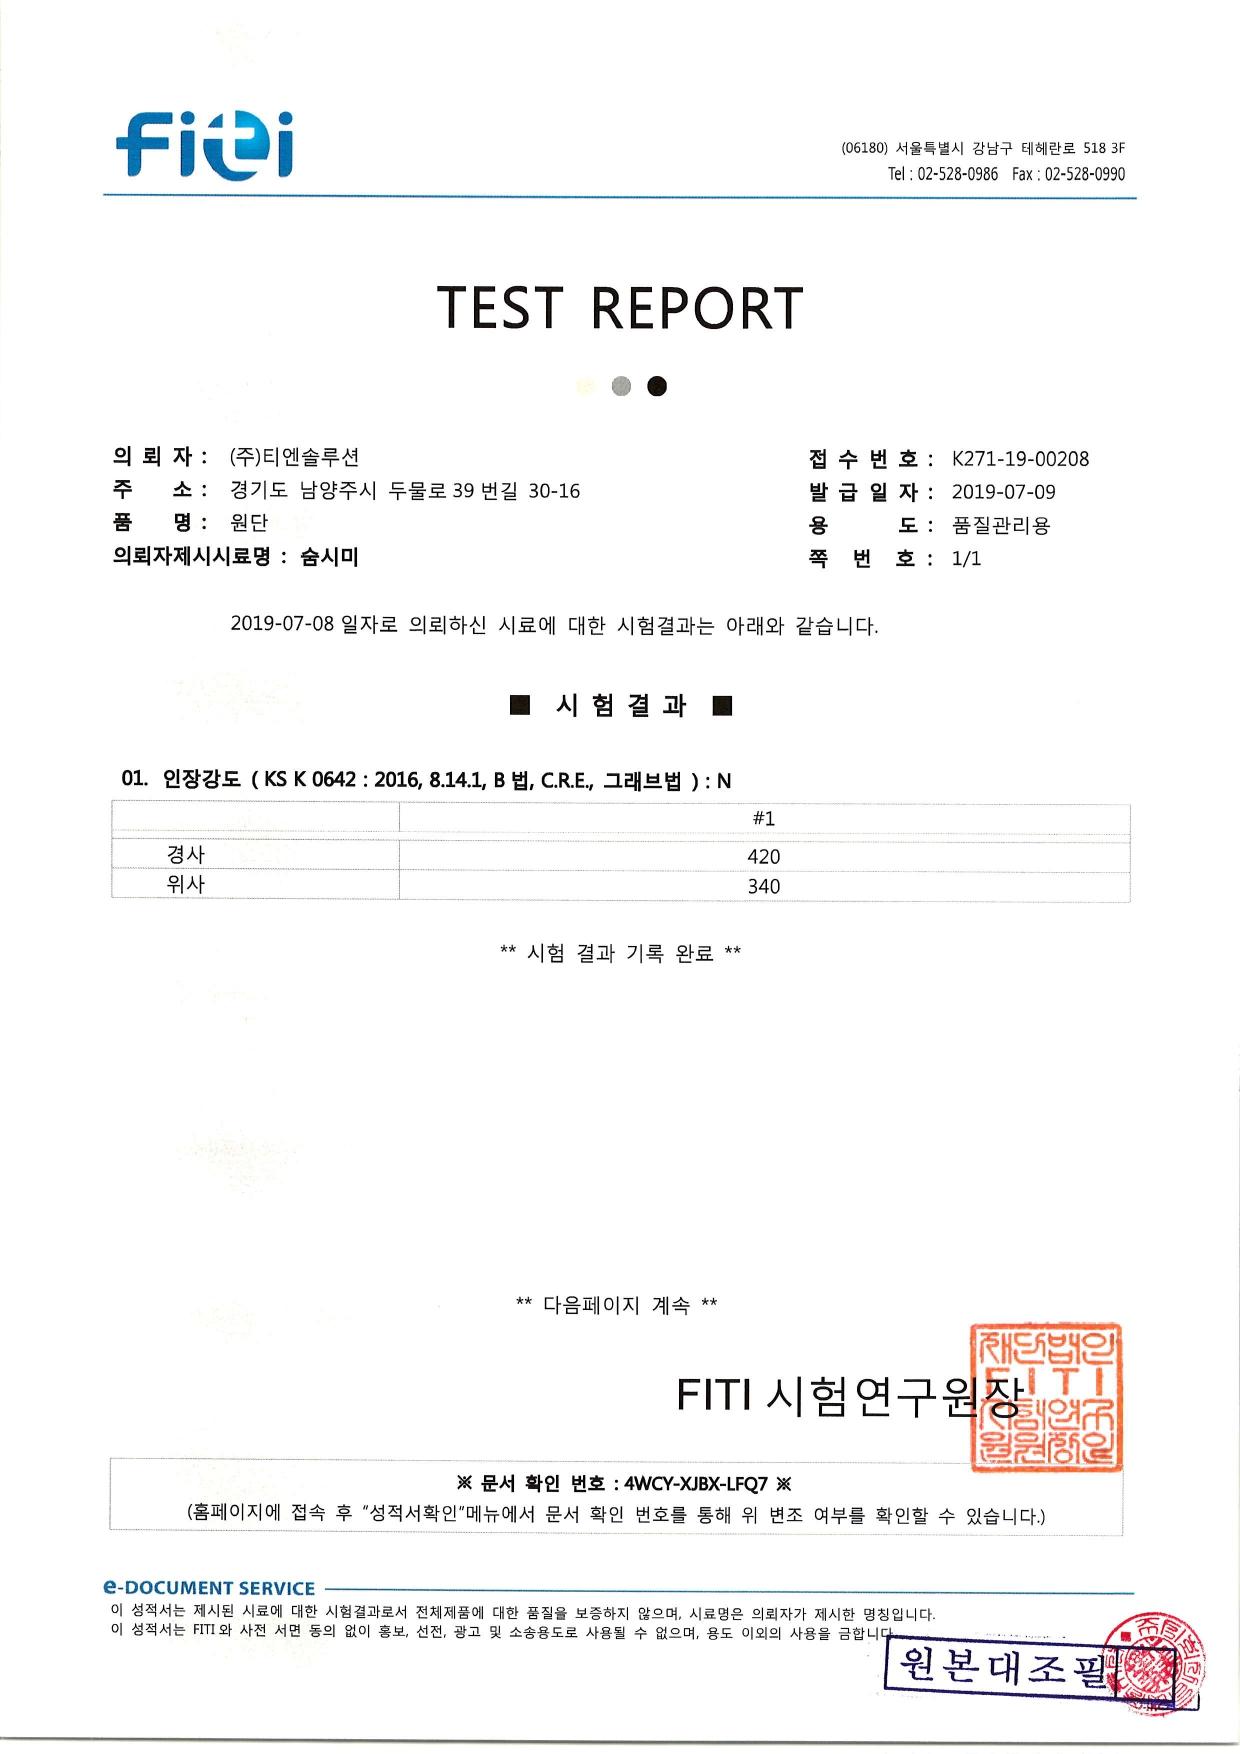 [성적서] 인장강도 (원본대조필)